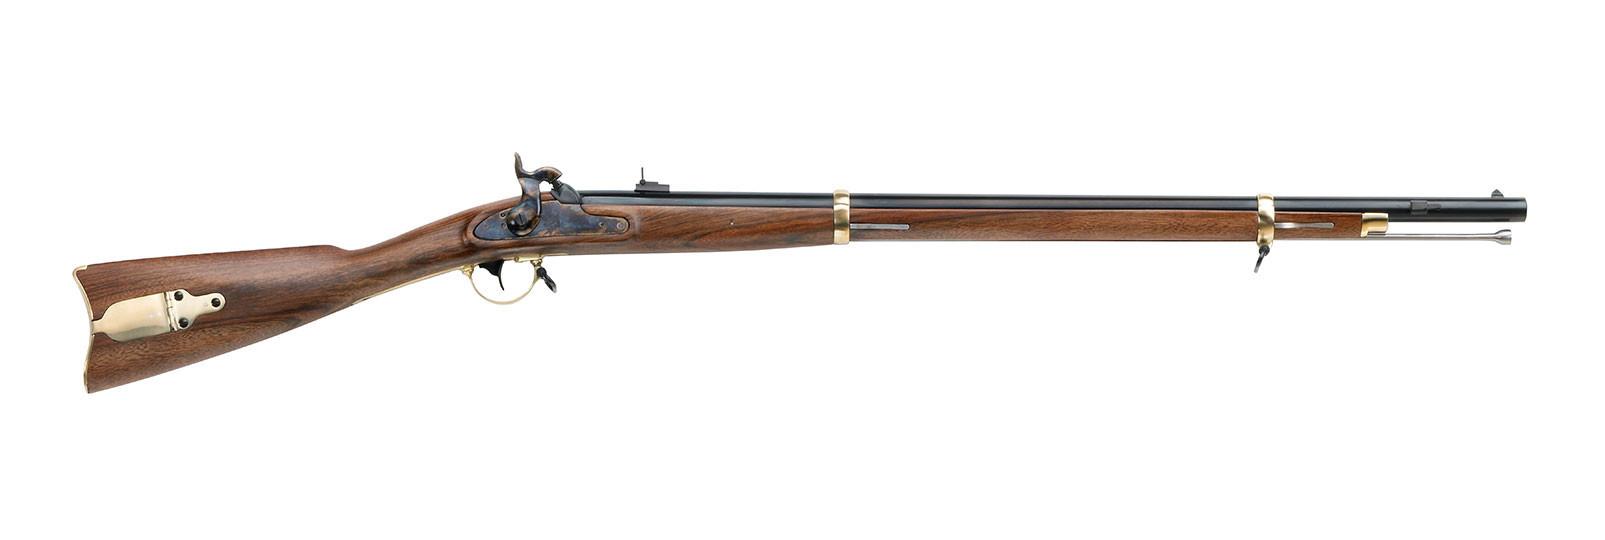 Fucile Zouave US model 1863